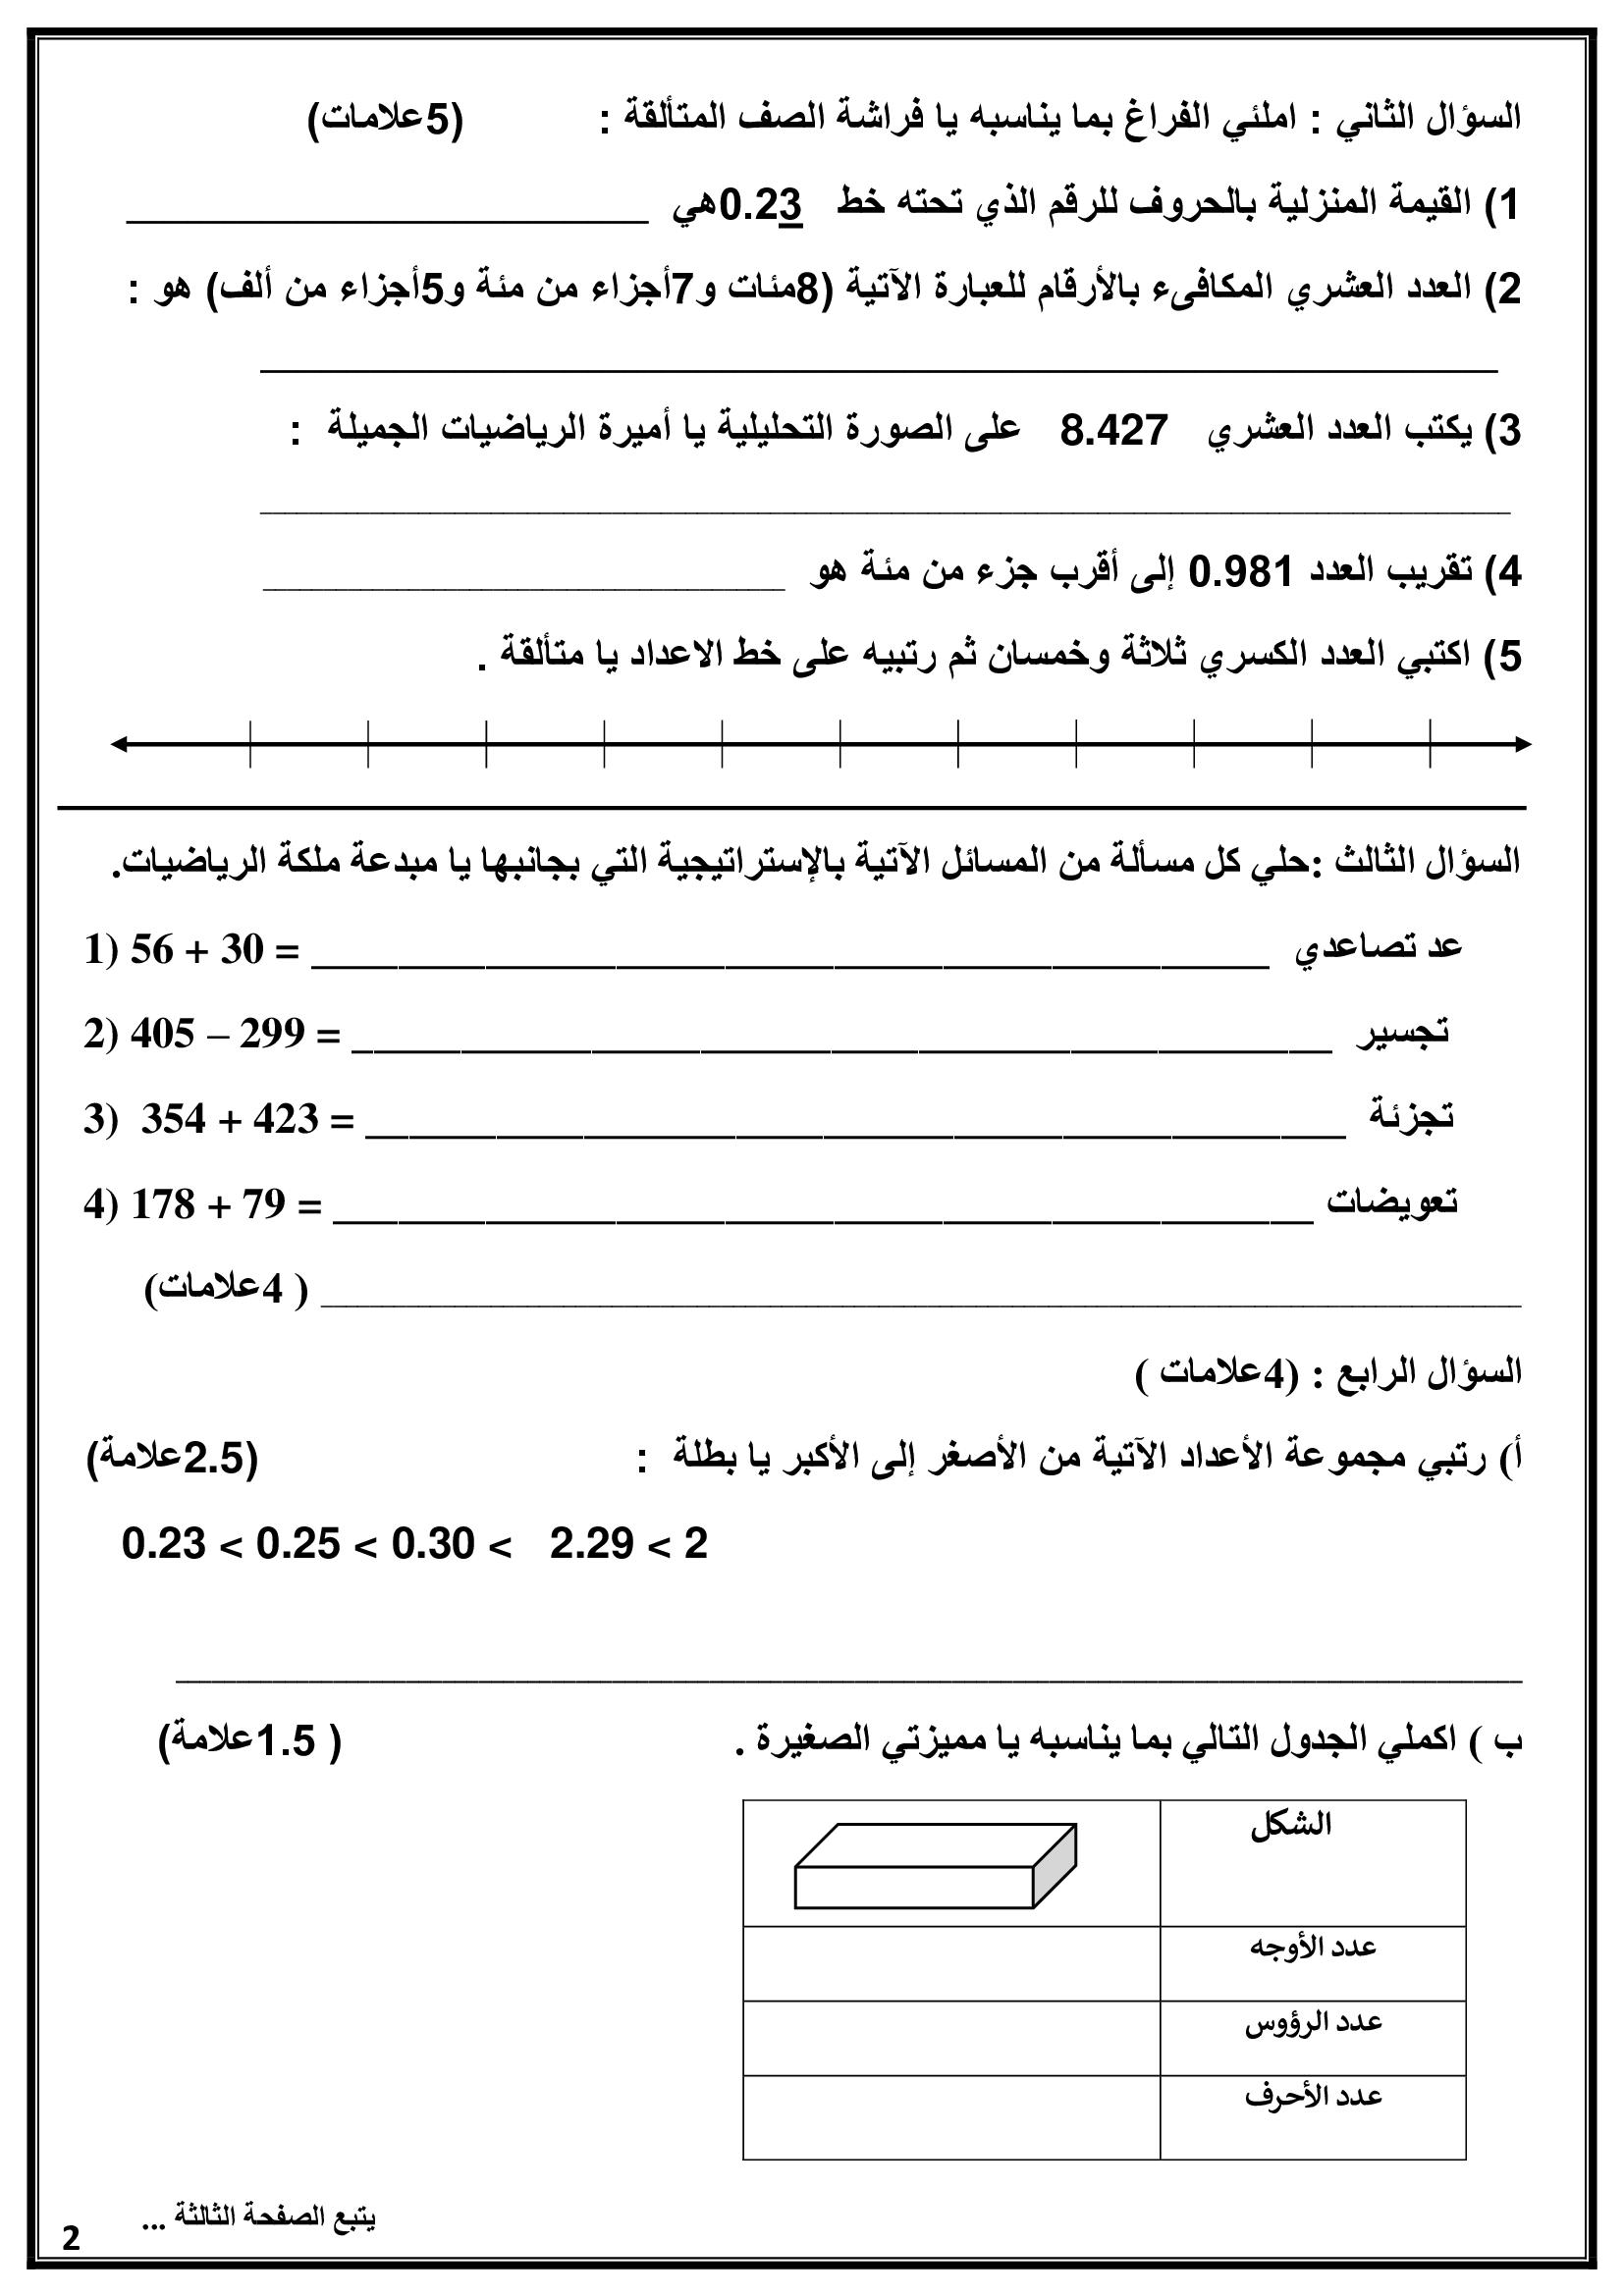 الامتحان النهائي لمادة الرياضيات للصف الرابع الفصل الاول 2020